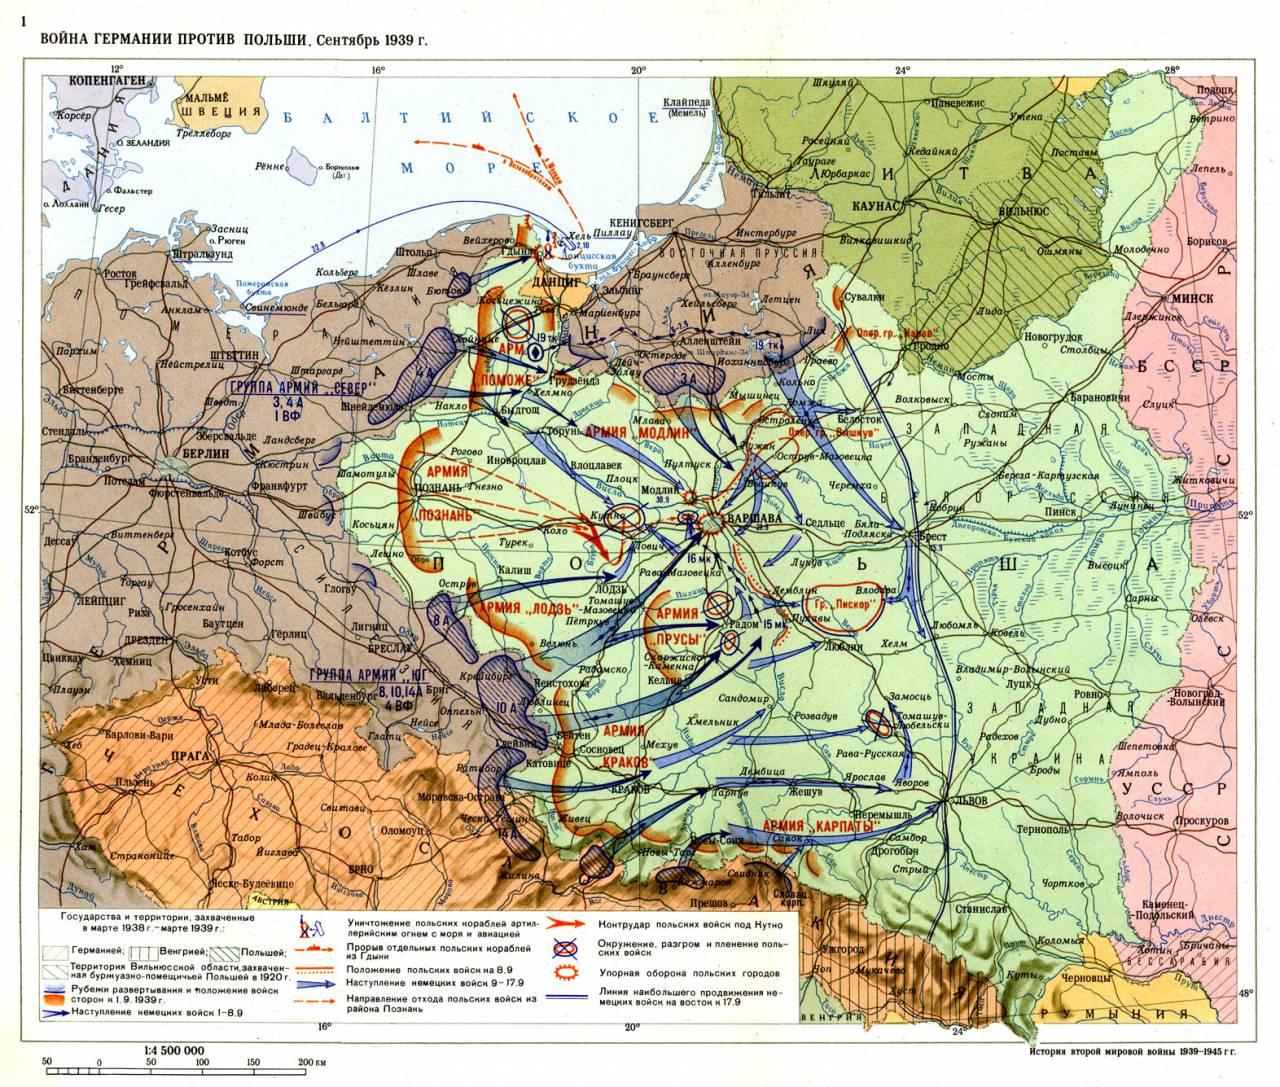 Вторжение в Польшу (карта)